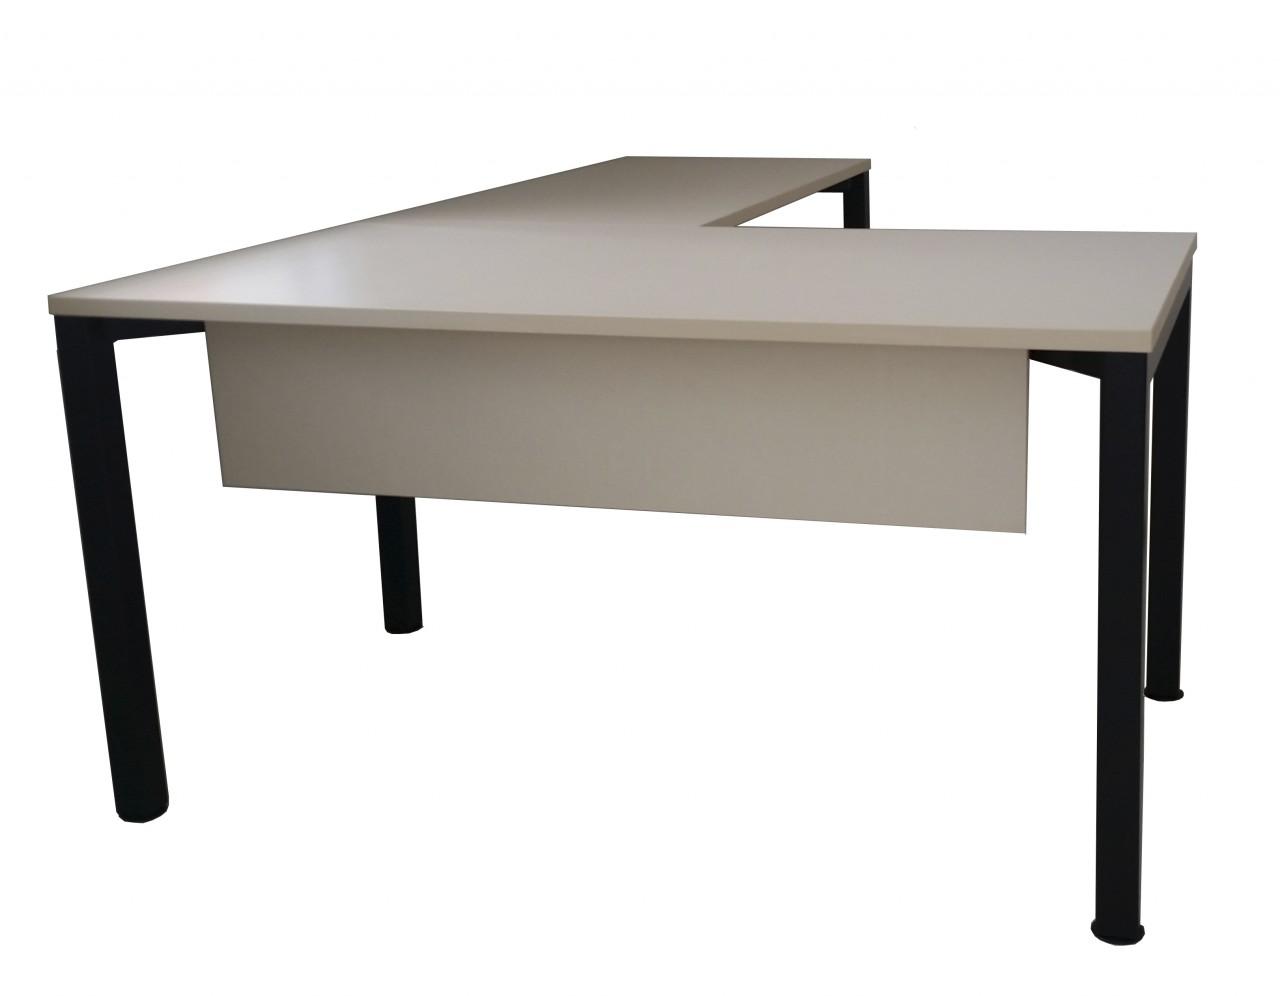 para Escritório Cadeiras Poltronas Mesas Alberflex Ribeirão Preto #635C50 1280x996